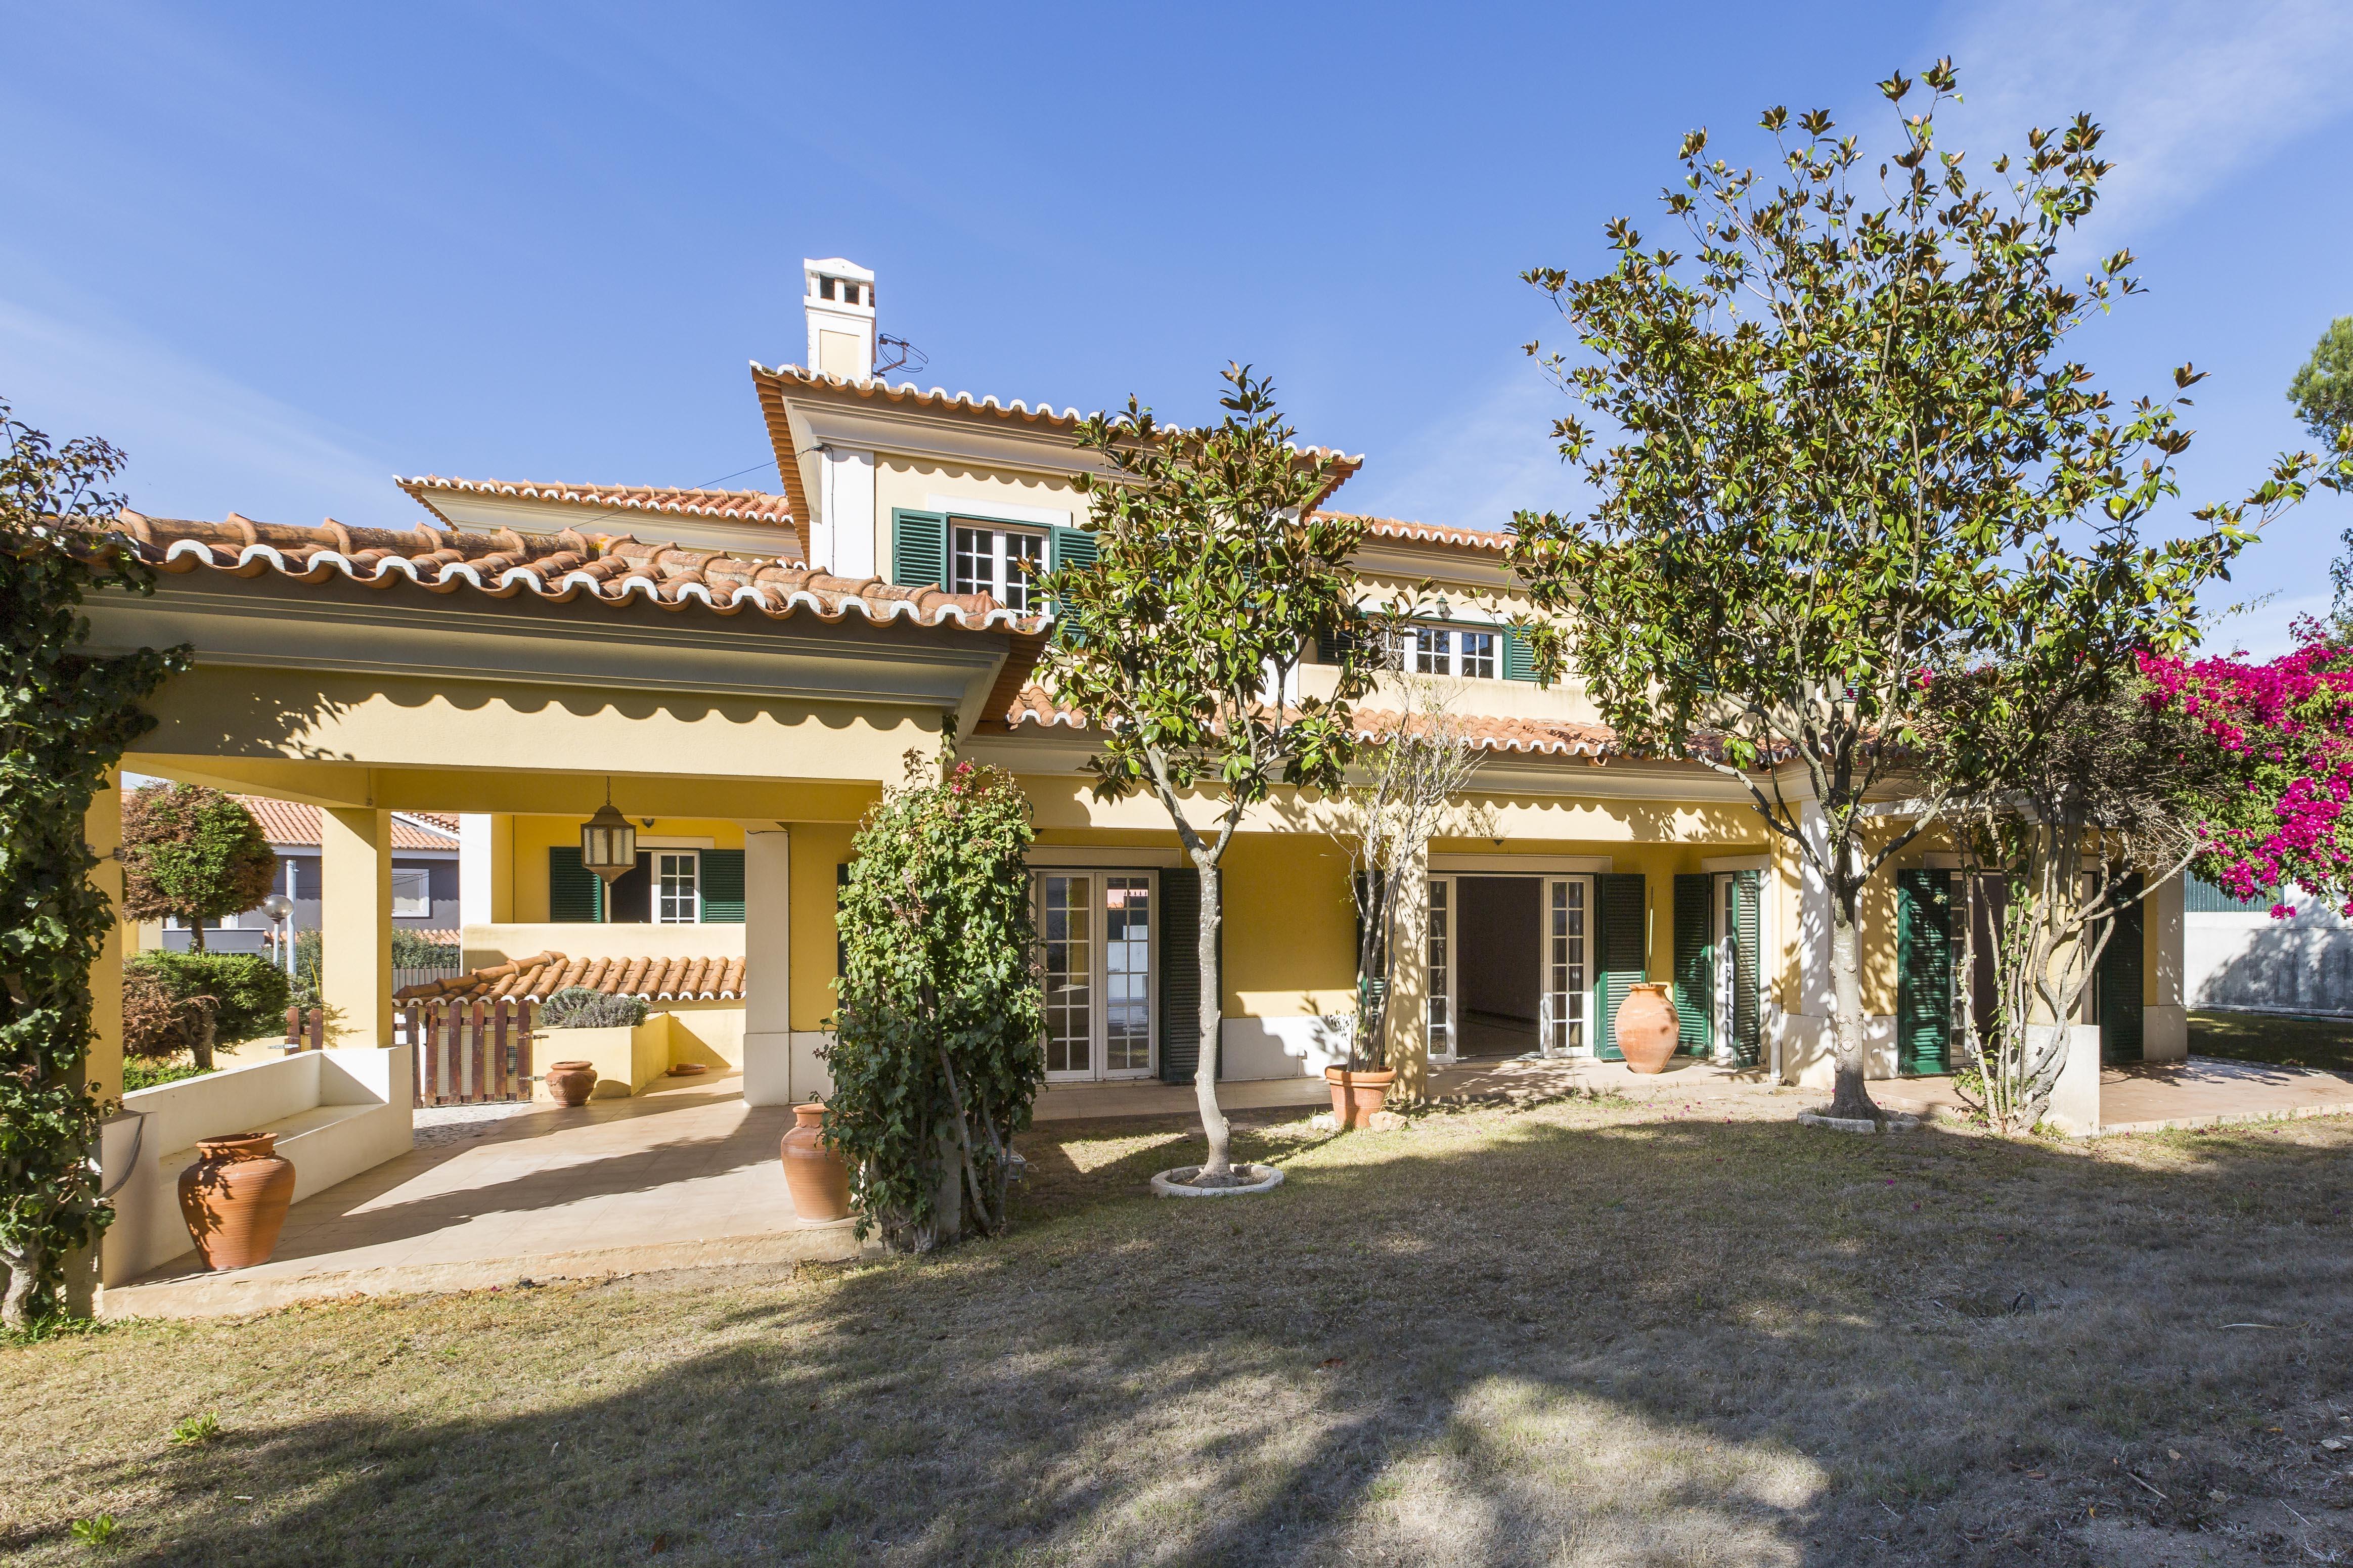 Частный односемейный дом для того Продажа на Detached house, 4 bedrooms, for Sale Cascais, Лиссабон, 2750-260 Португалия